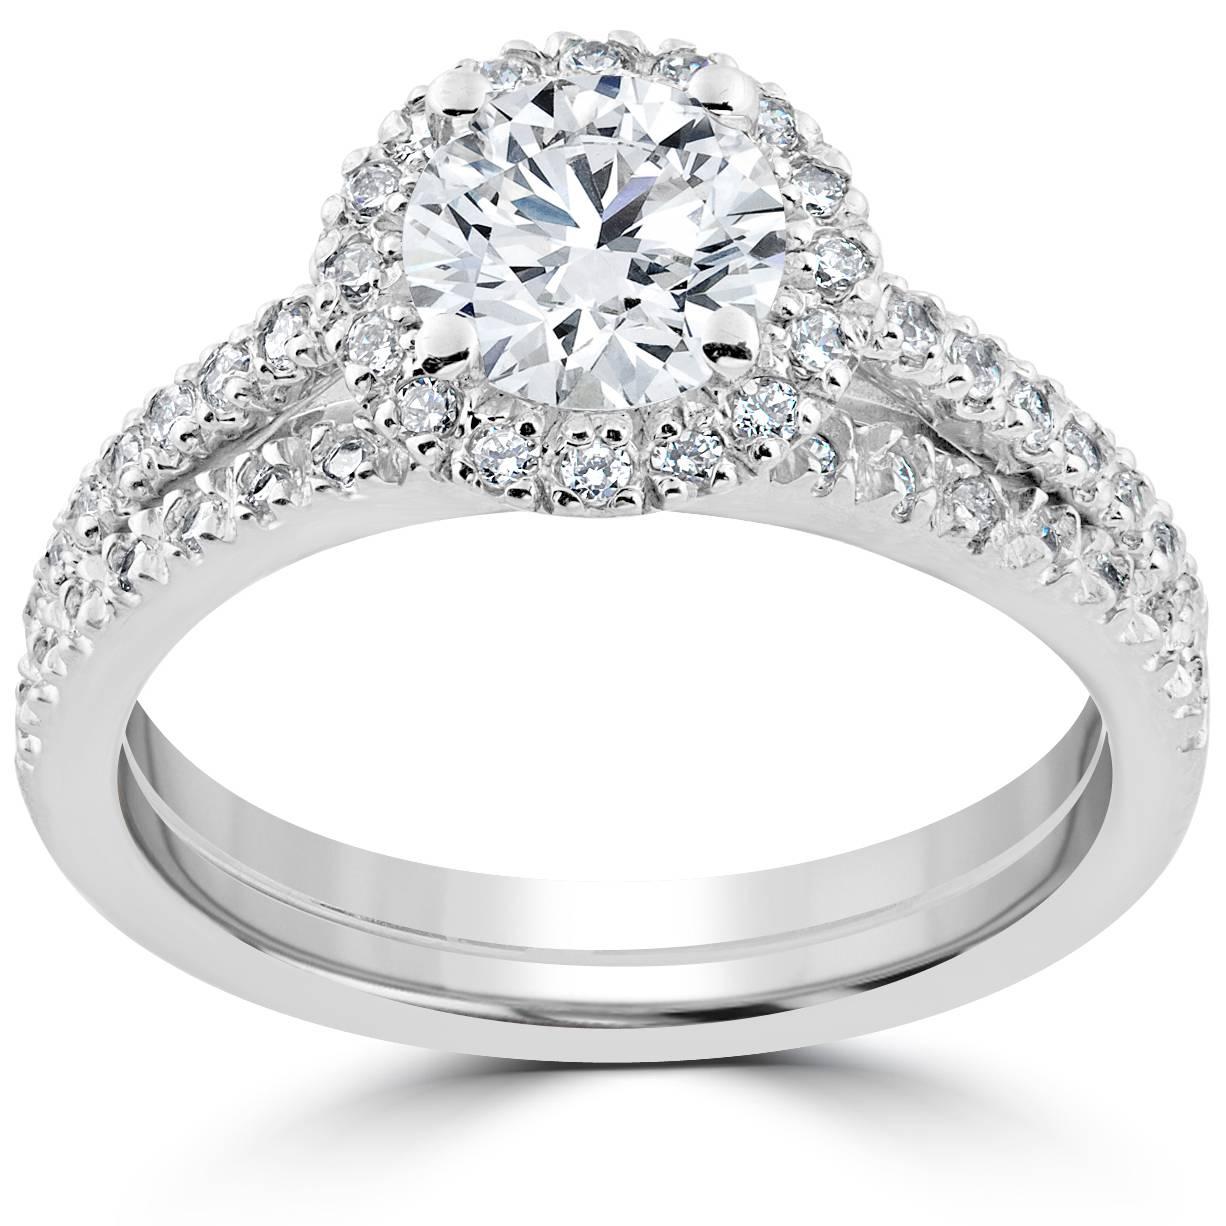 1 1 2 ct Diamond Halo Engagement Wedding Ring Set 14k White Gold Enhanced